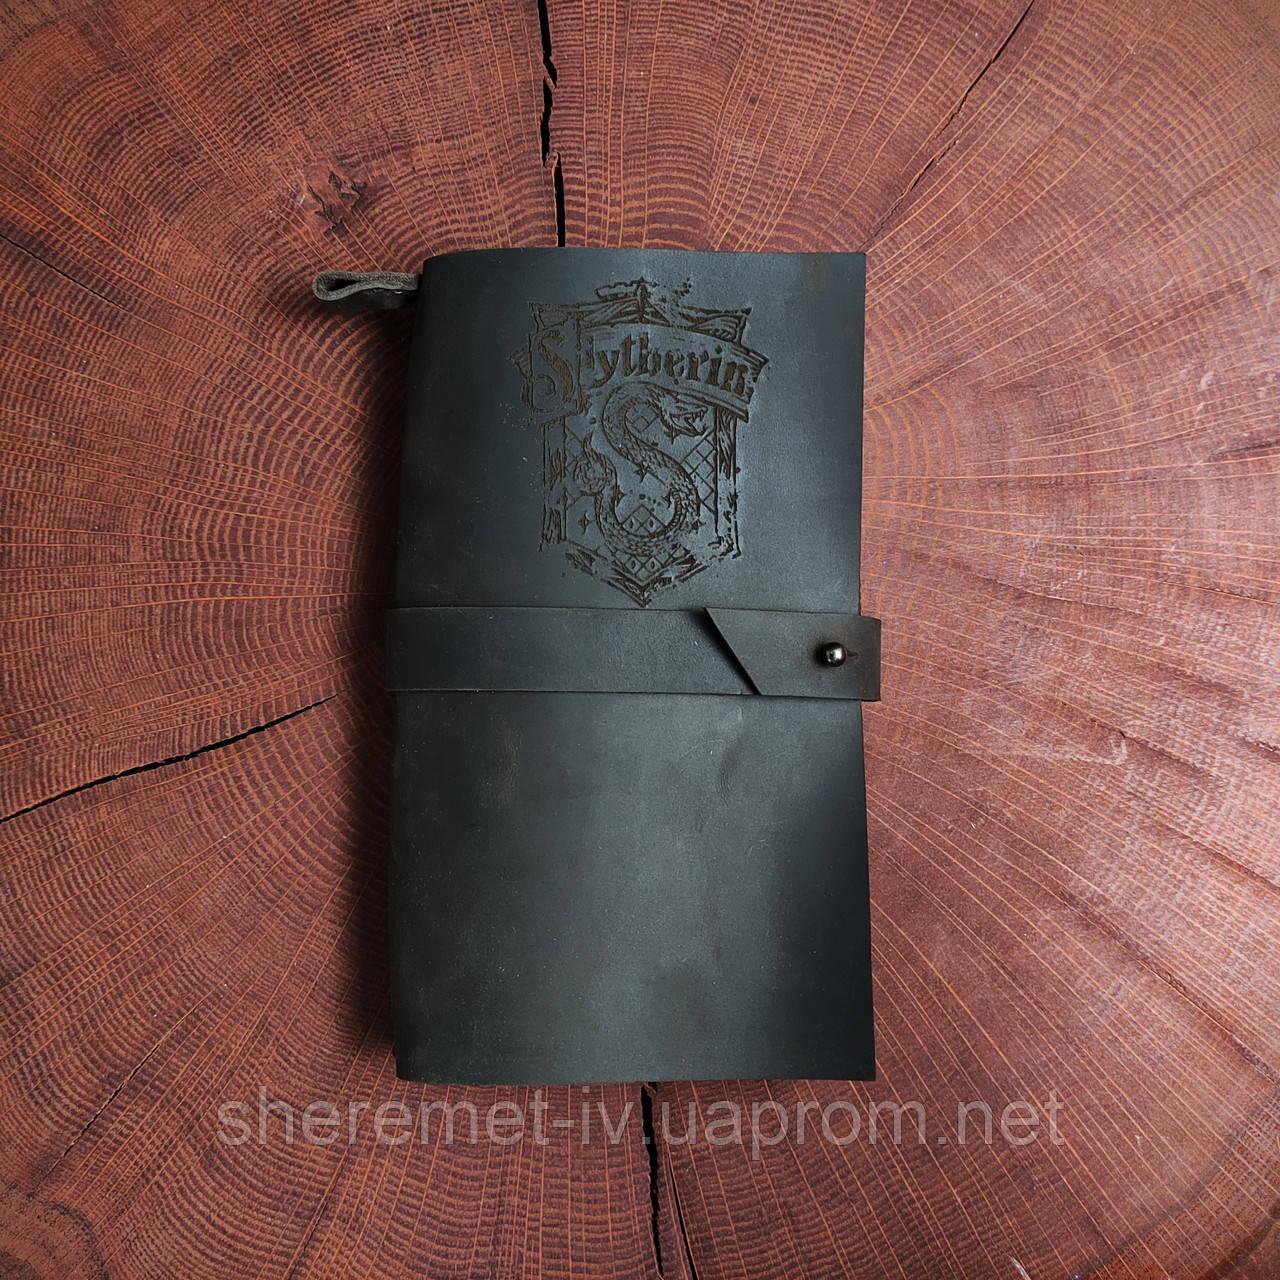 Кожаный блокнот Harry Potter,  Блокнот Гарри Поттер,  (ручка из бамбука в подарок)